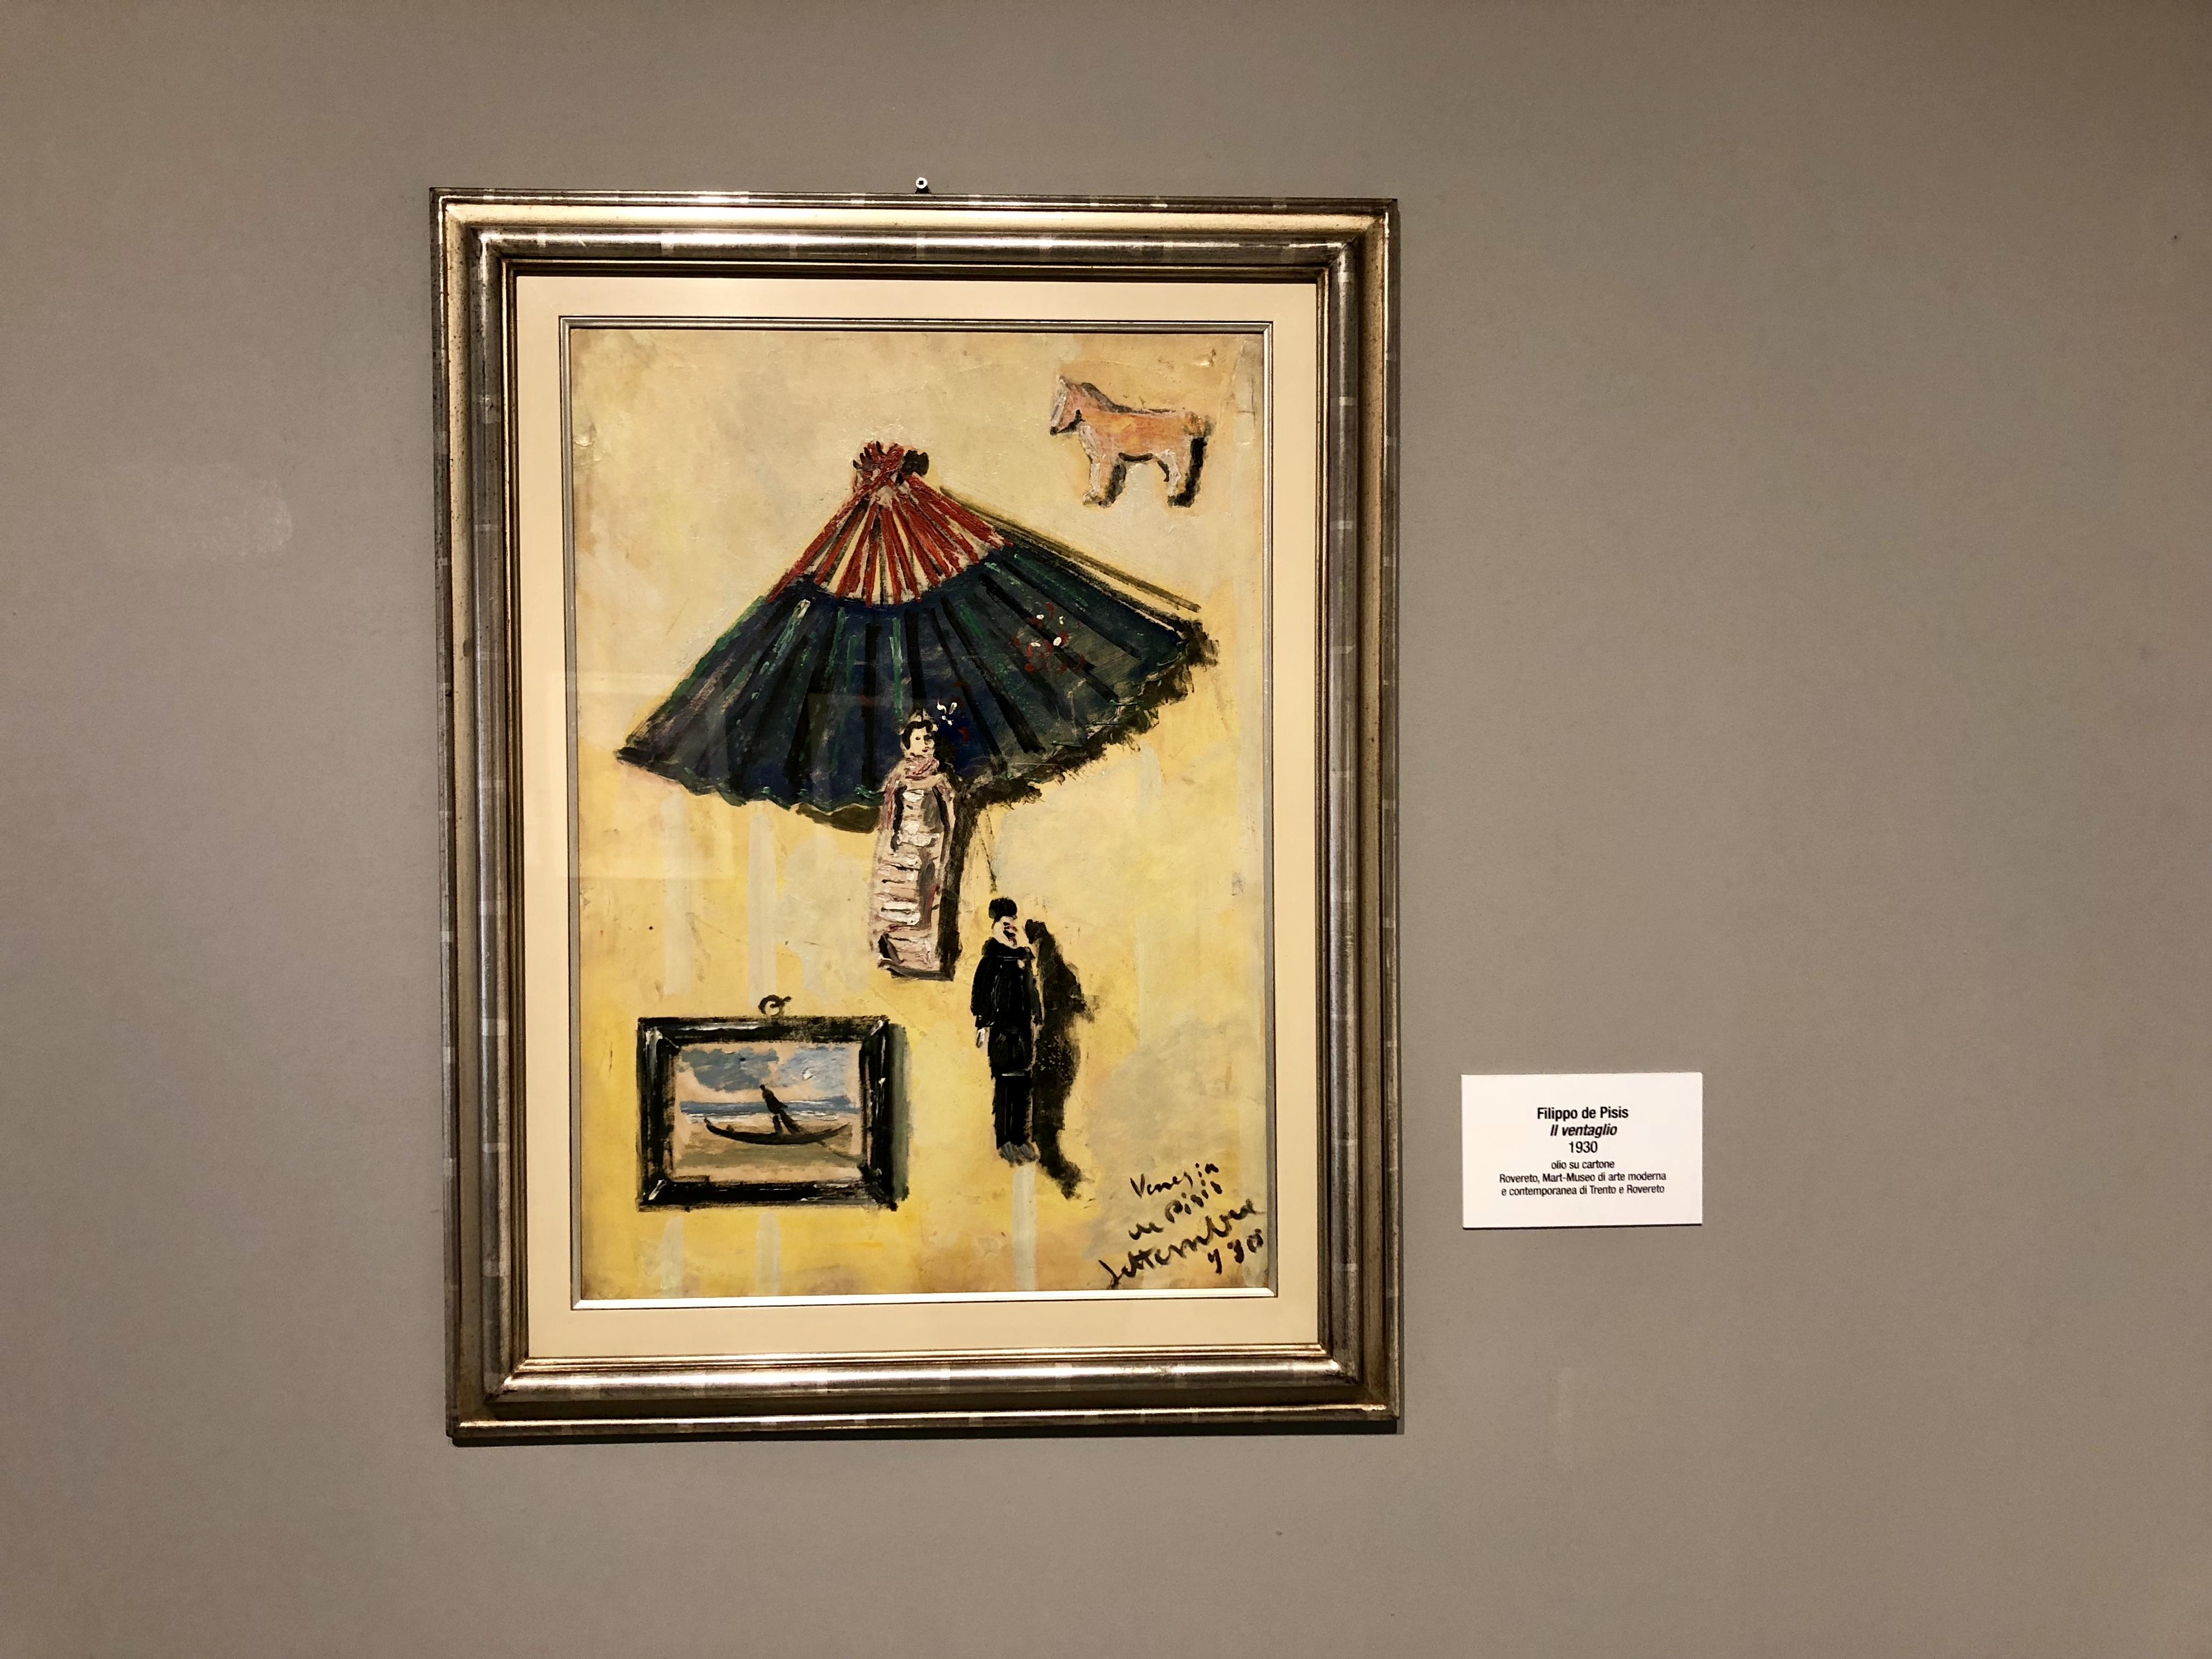 TalentiEventi_Filippo_De_Pisis_Eclettico_connoisseur_fra pittura_ musica_e_poesia_Museo_Ettore_Fico_44